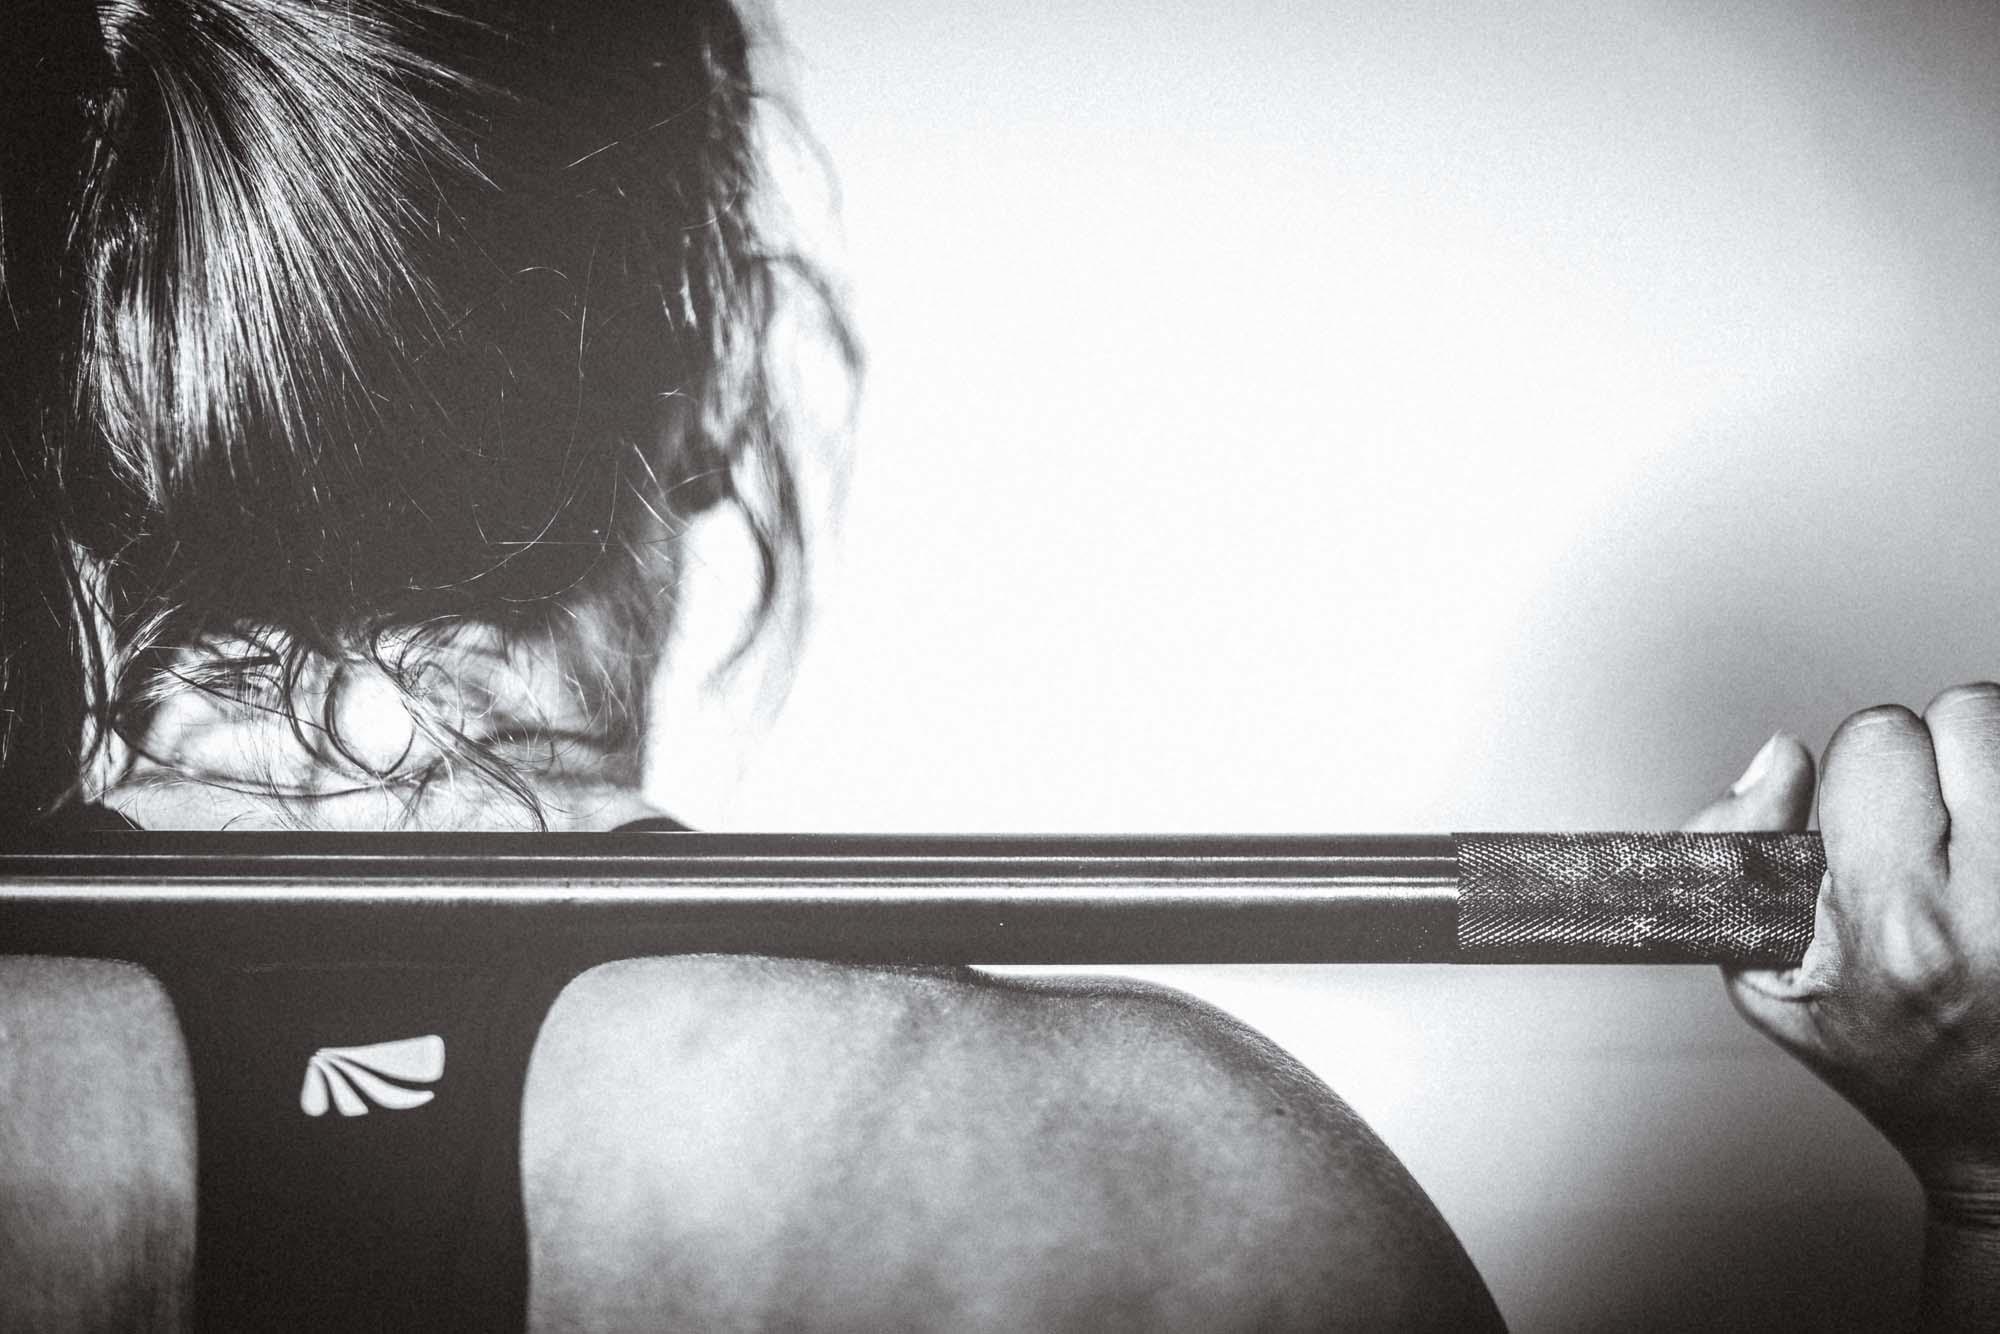 Jeder in seinem eigenen Fitness: Hantel-Training.